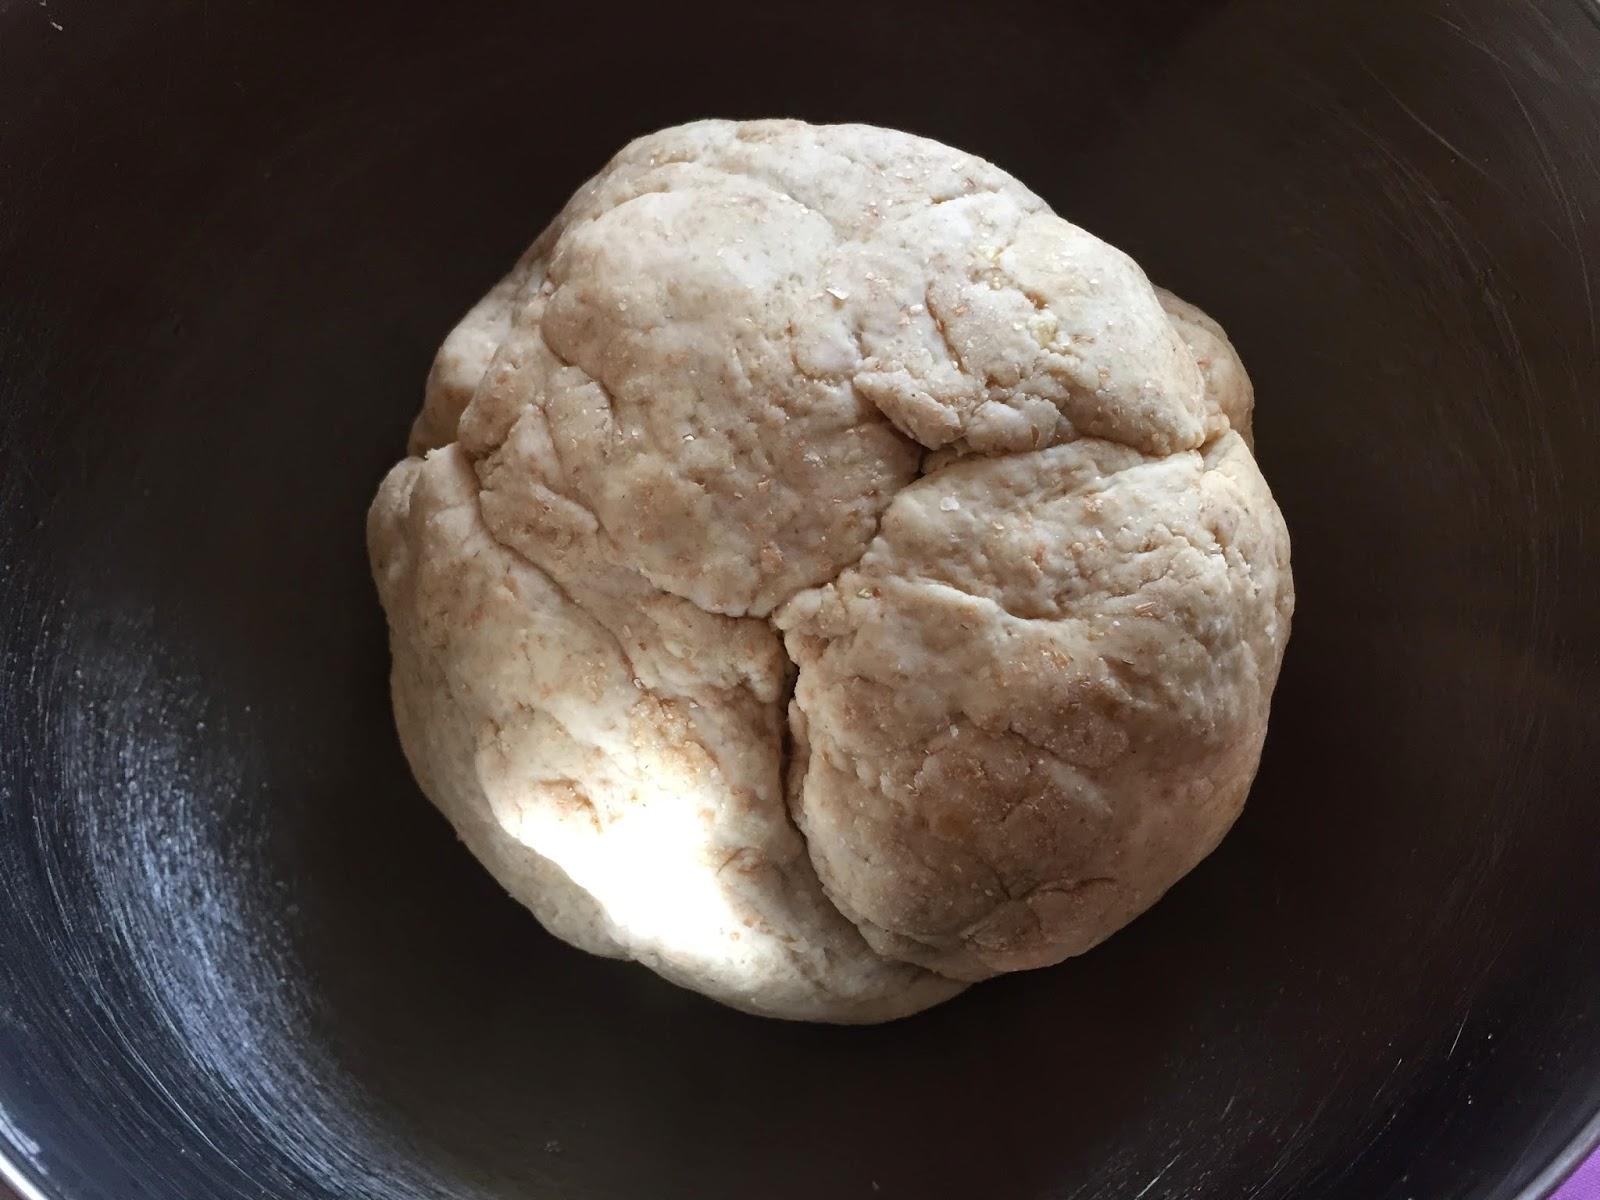 Empanada de bacalao, dándole forma de bola a la masa.